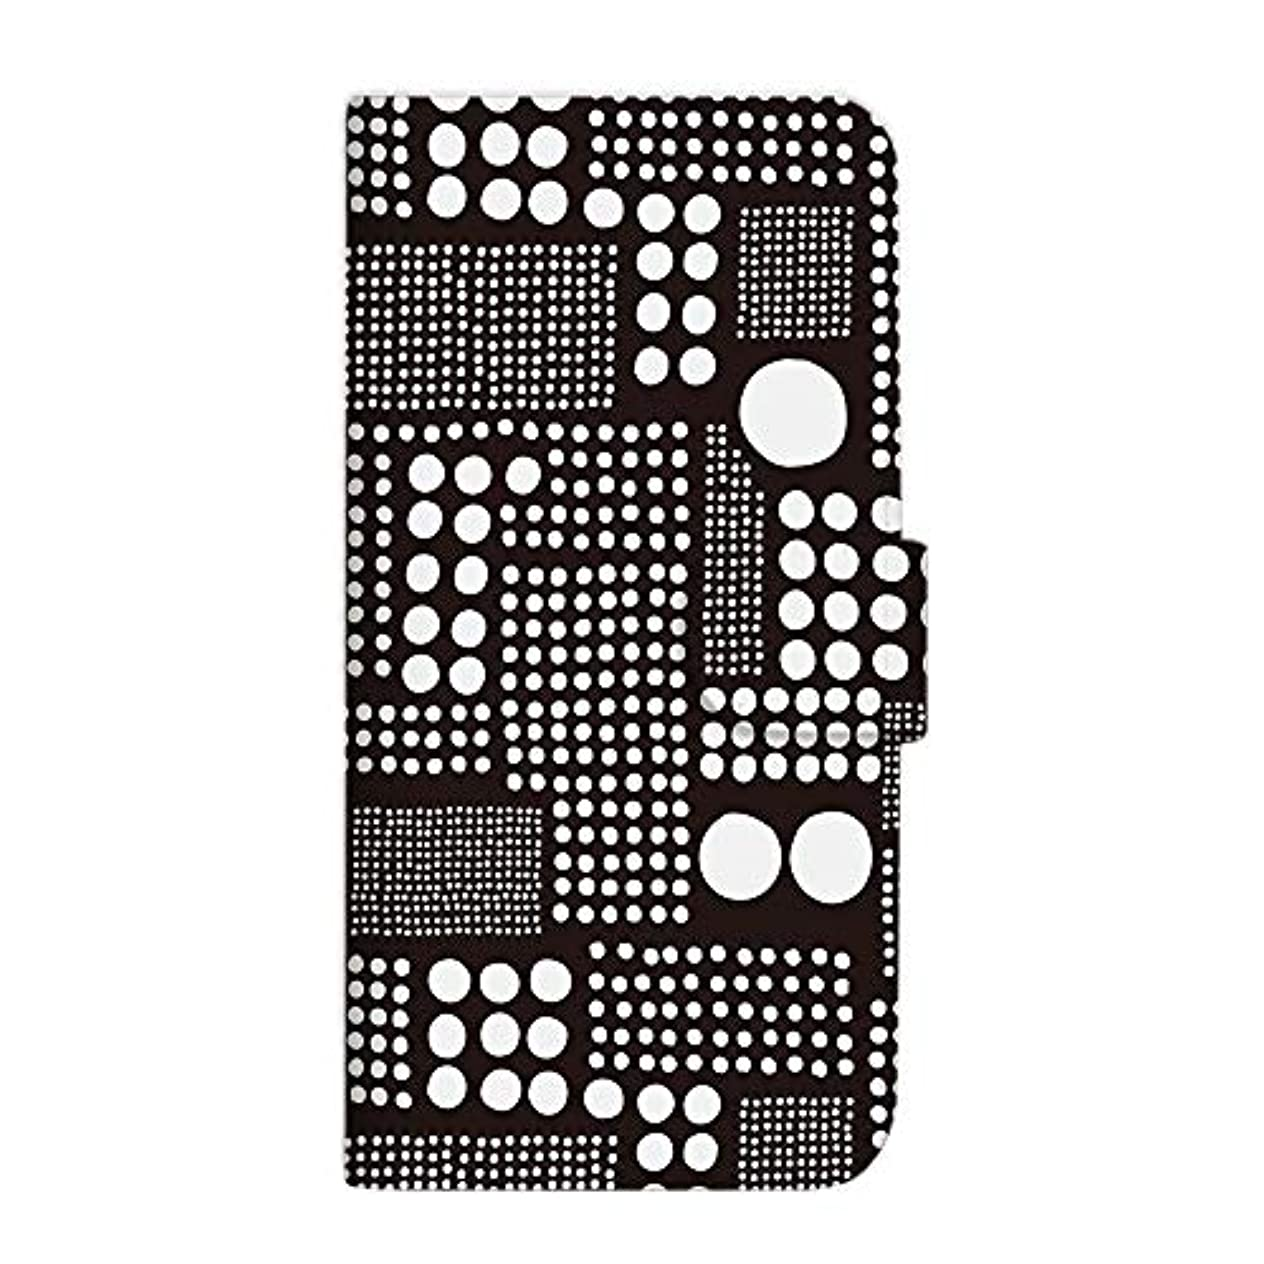 作動するデータム豊かにするmitas iPhoneXR ケース 手帳型 クスグルジャパンvol28 水玉3 (399) SC-3928-H/iPhone XR